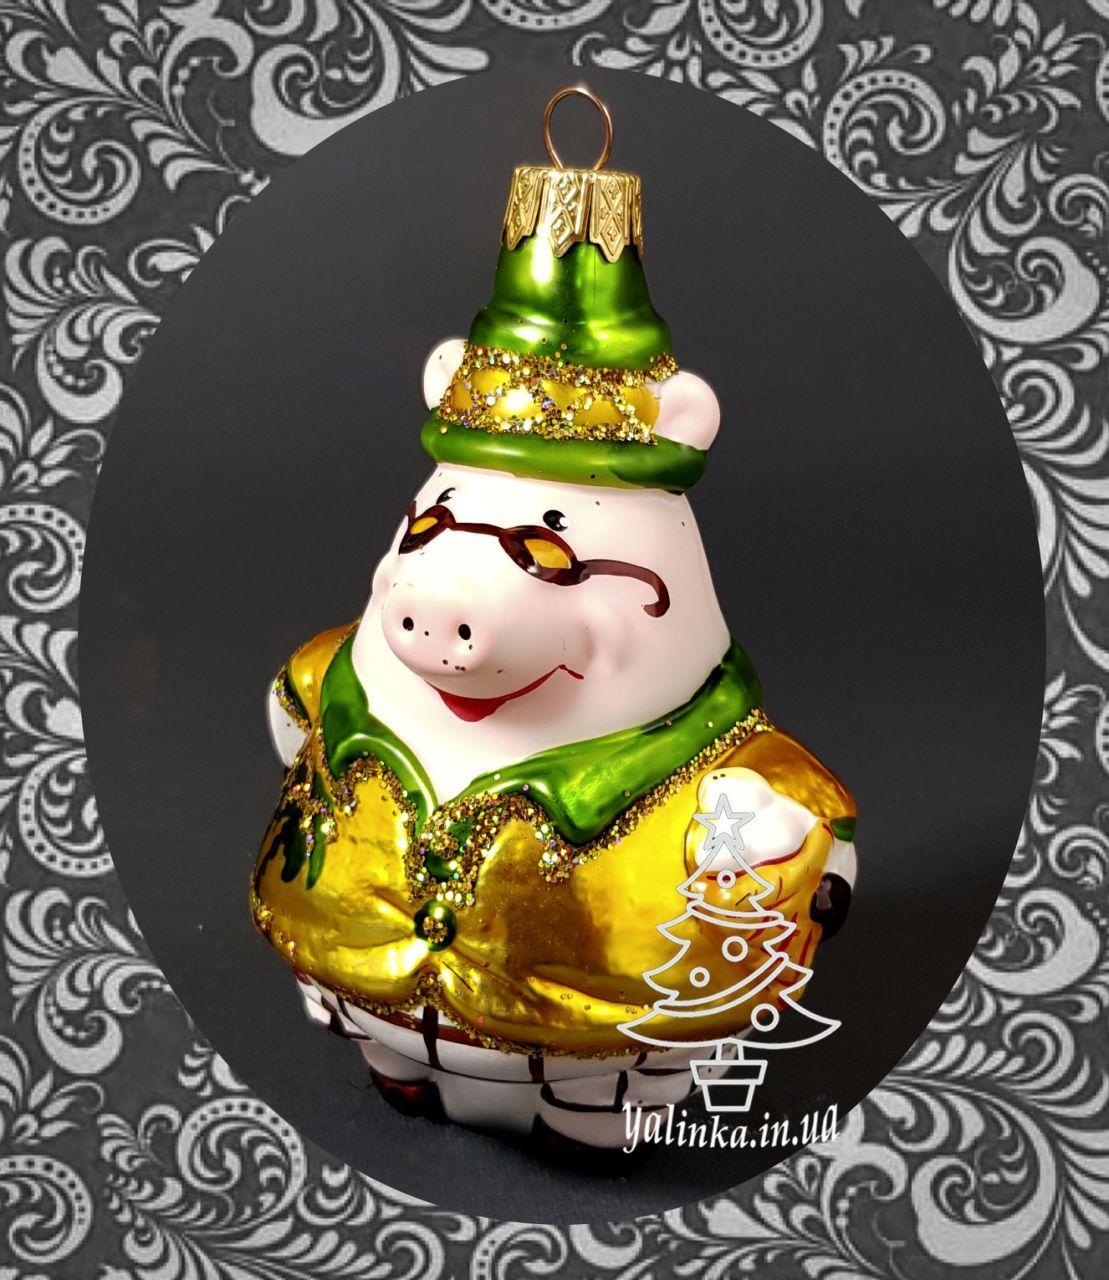 Стеклянная елочная игрушка Папа Свин